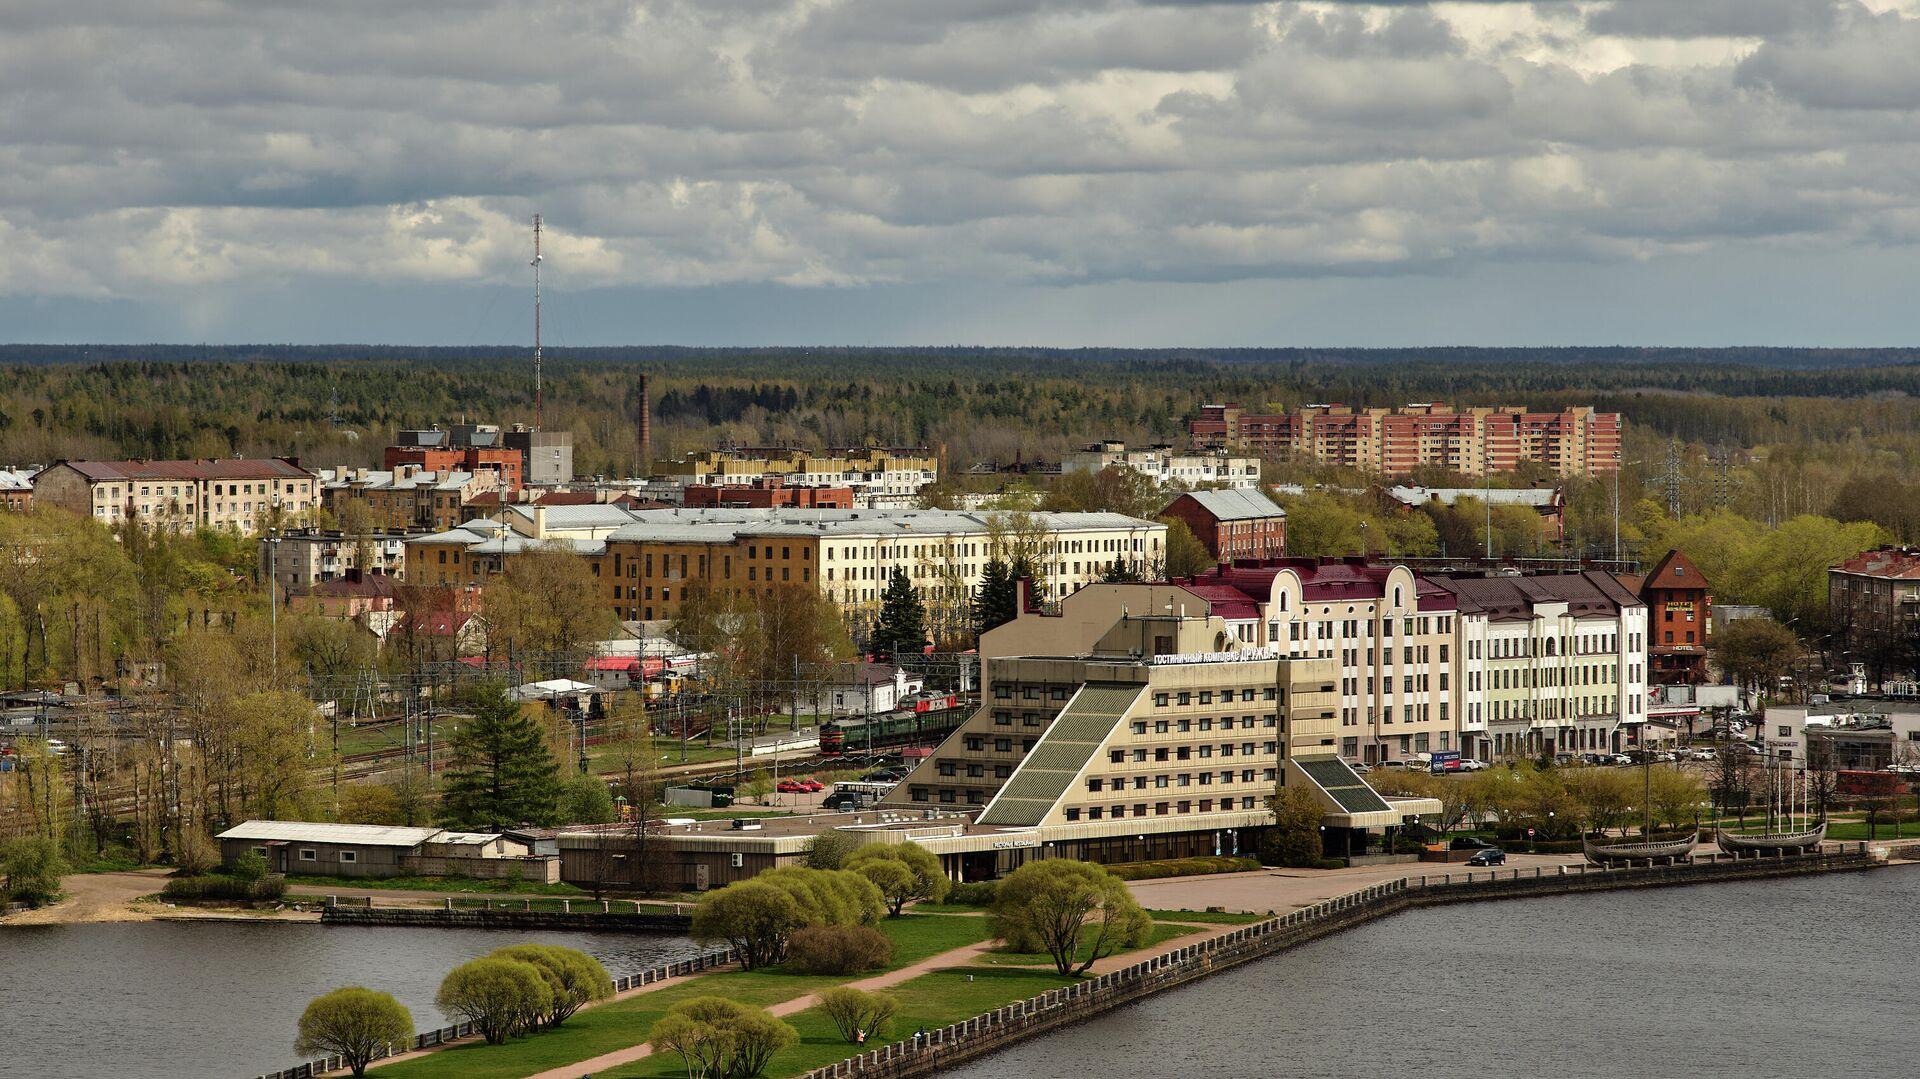 Выборг, Ленинградская область - РИА Новости, 1920, 30.09.2021